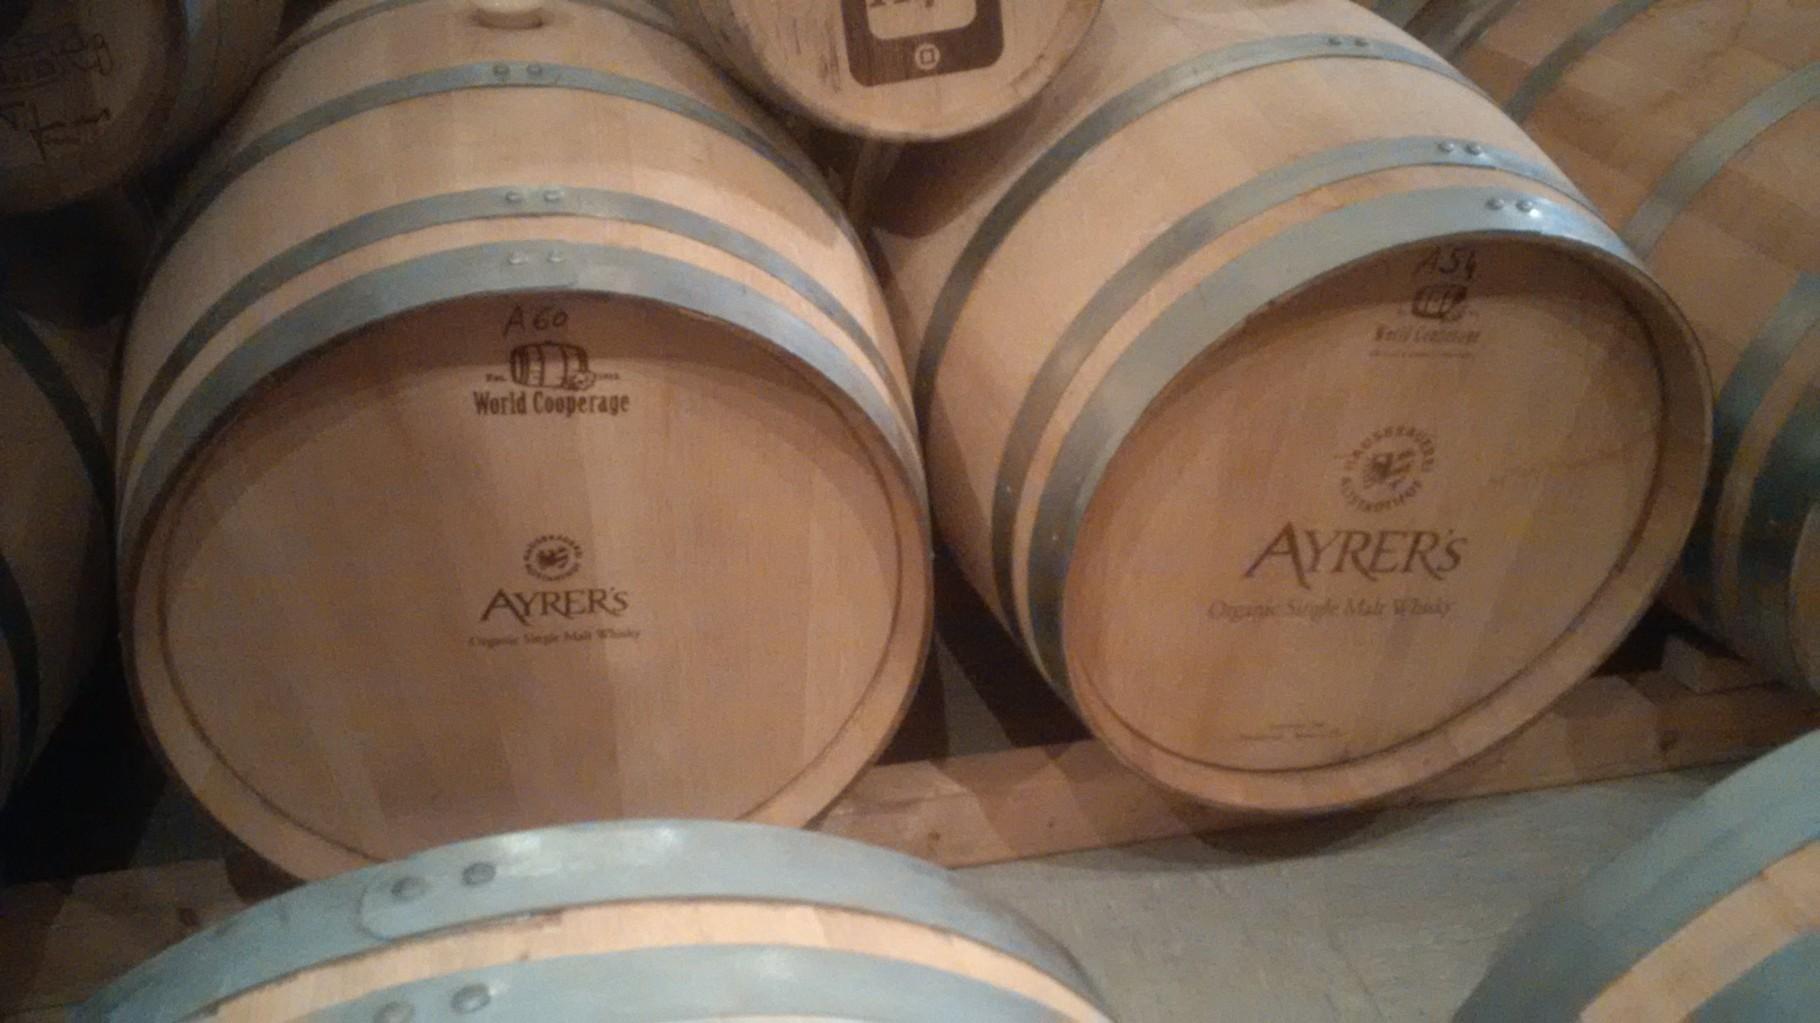 Aus der Biermaische destilierter Whiskey - lagert hier bis zu 30 Jahre bei Familie Ayrer in Nürnberg